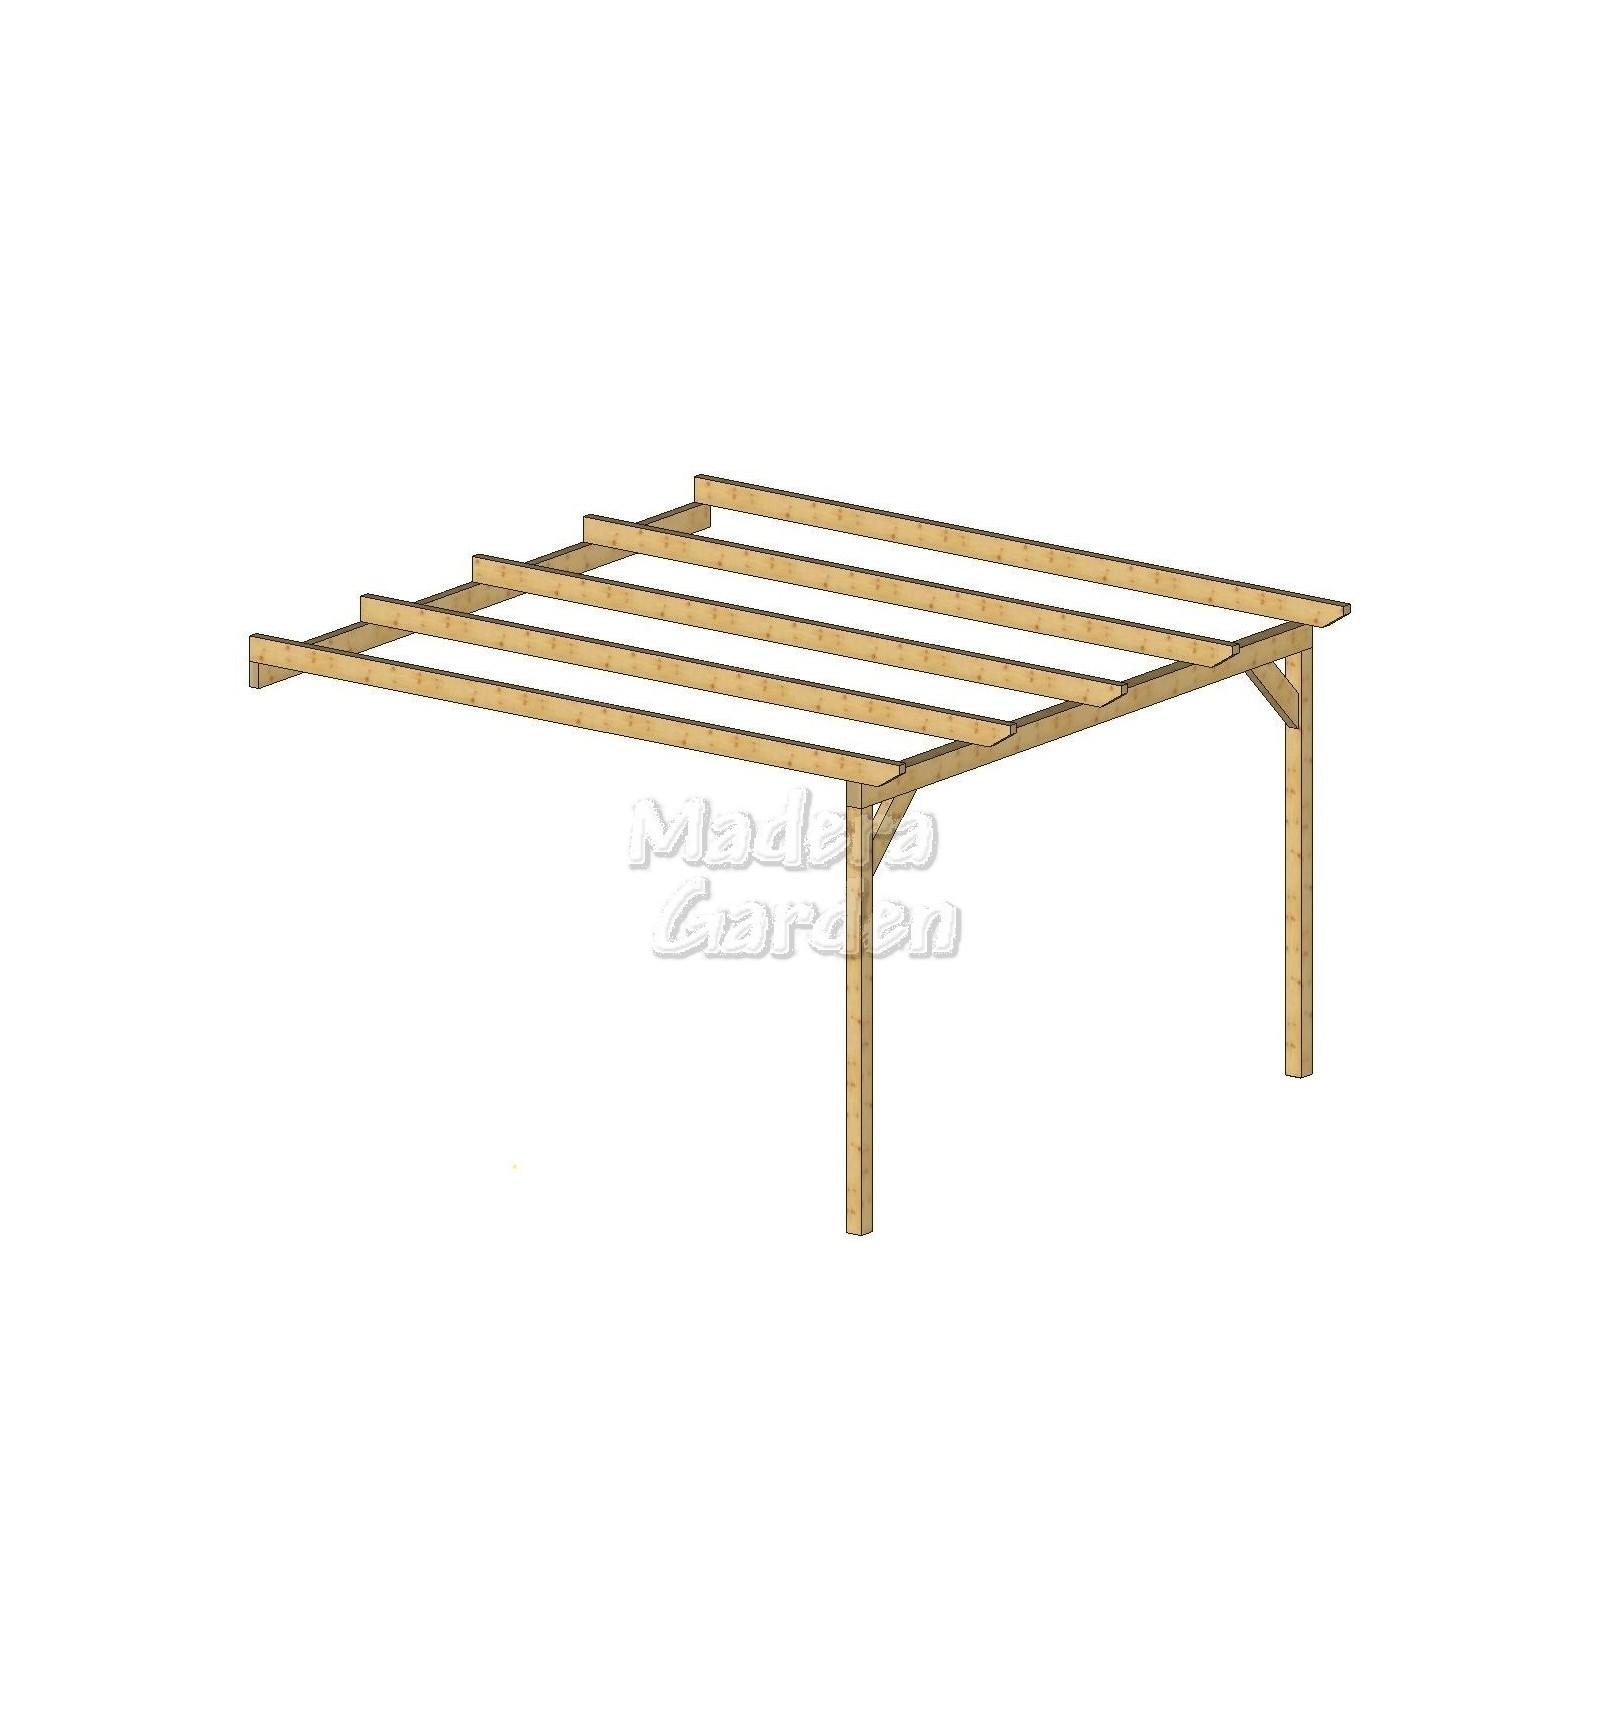 P rgolas de madera adosadas planas madera garden - Pergolas de madera en kit ...